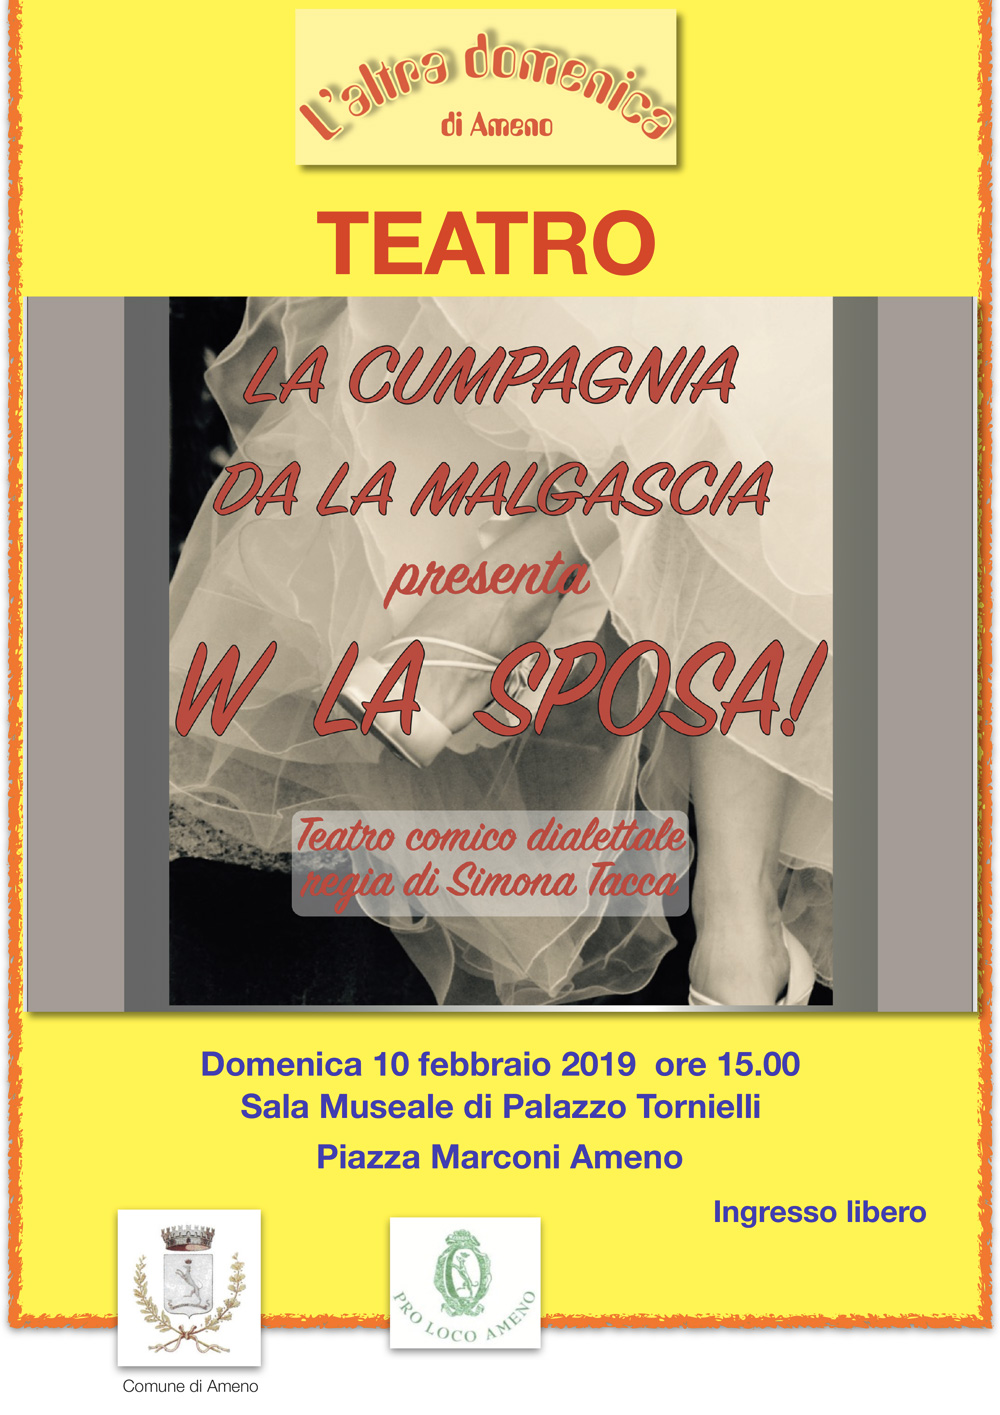 L'altra-domenica-teatro